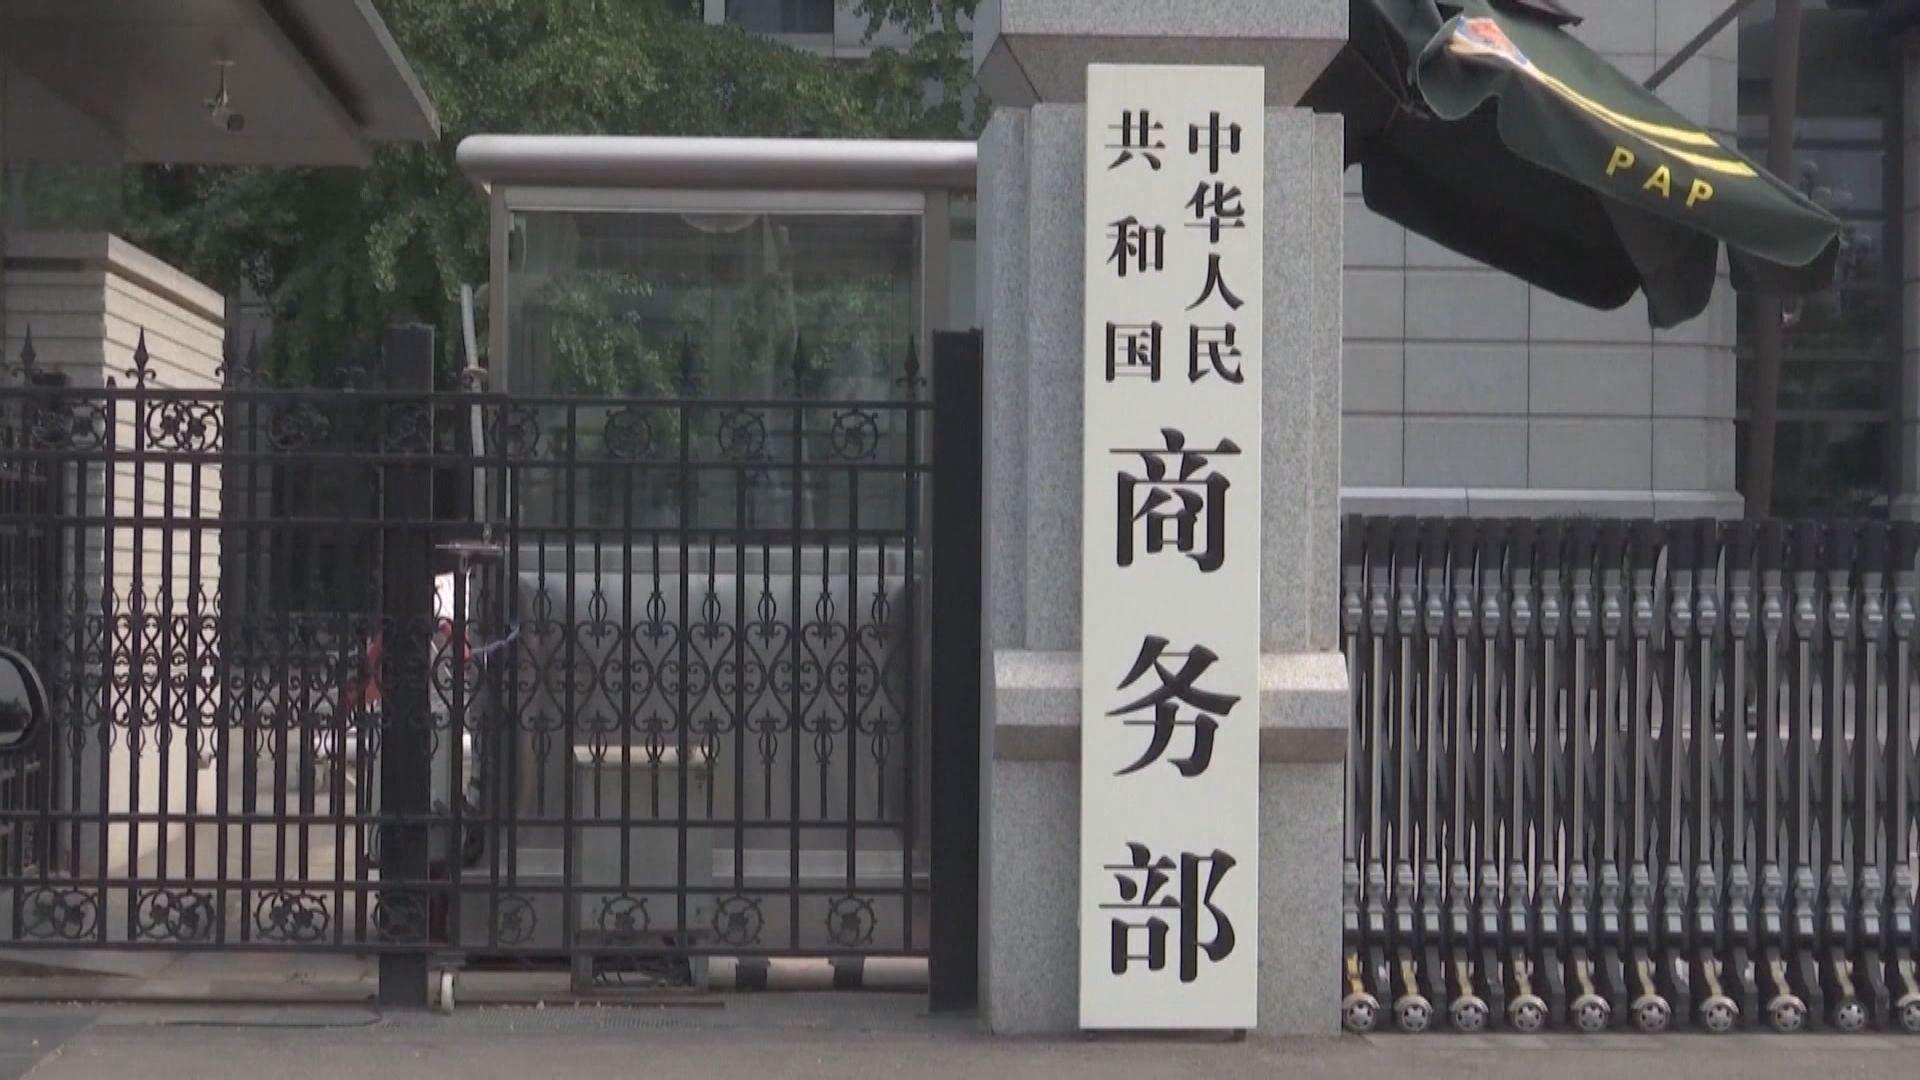 中國正式提出申請加入CPTPP